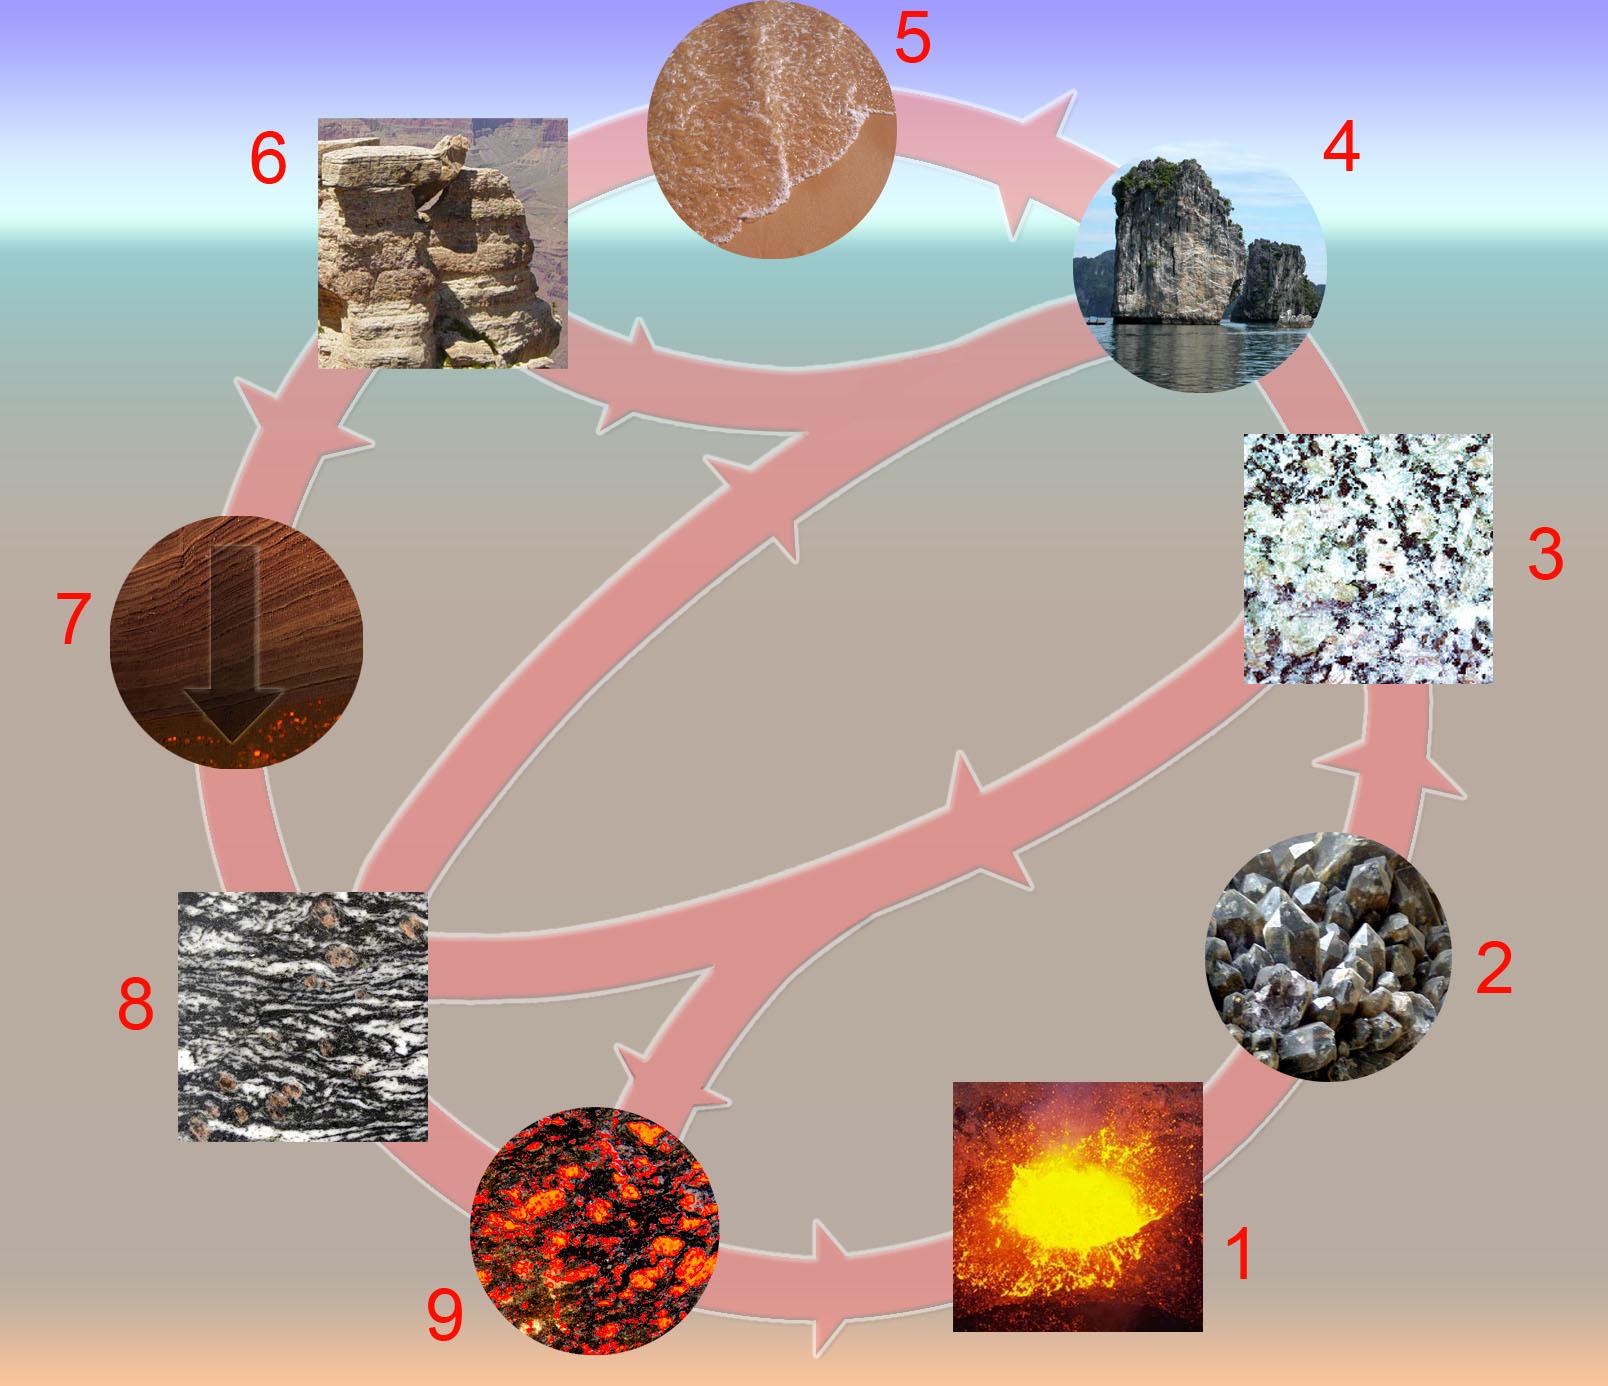 1 = マグマ; 2 = 結晶化; 3 = 火成岩; 4 = 侵食; 5 = 堆積; 6 = 堆積物と堆積岩; 7 = 造構造埋没変成作用; 8 = 変成岩; 9 = 溶融